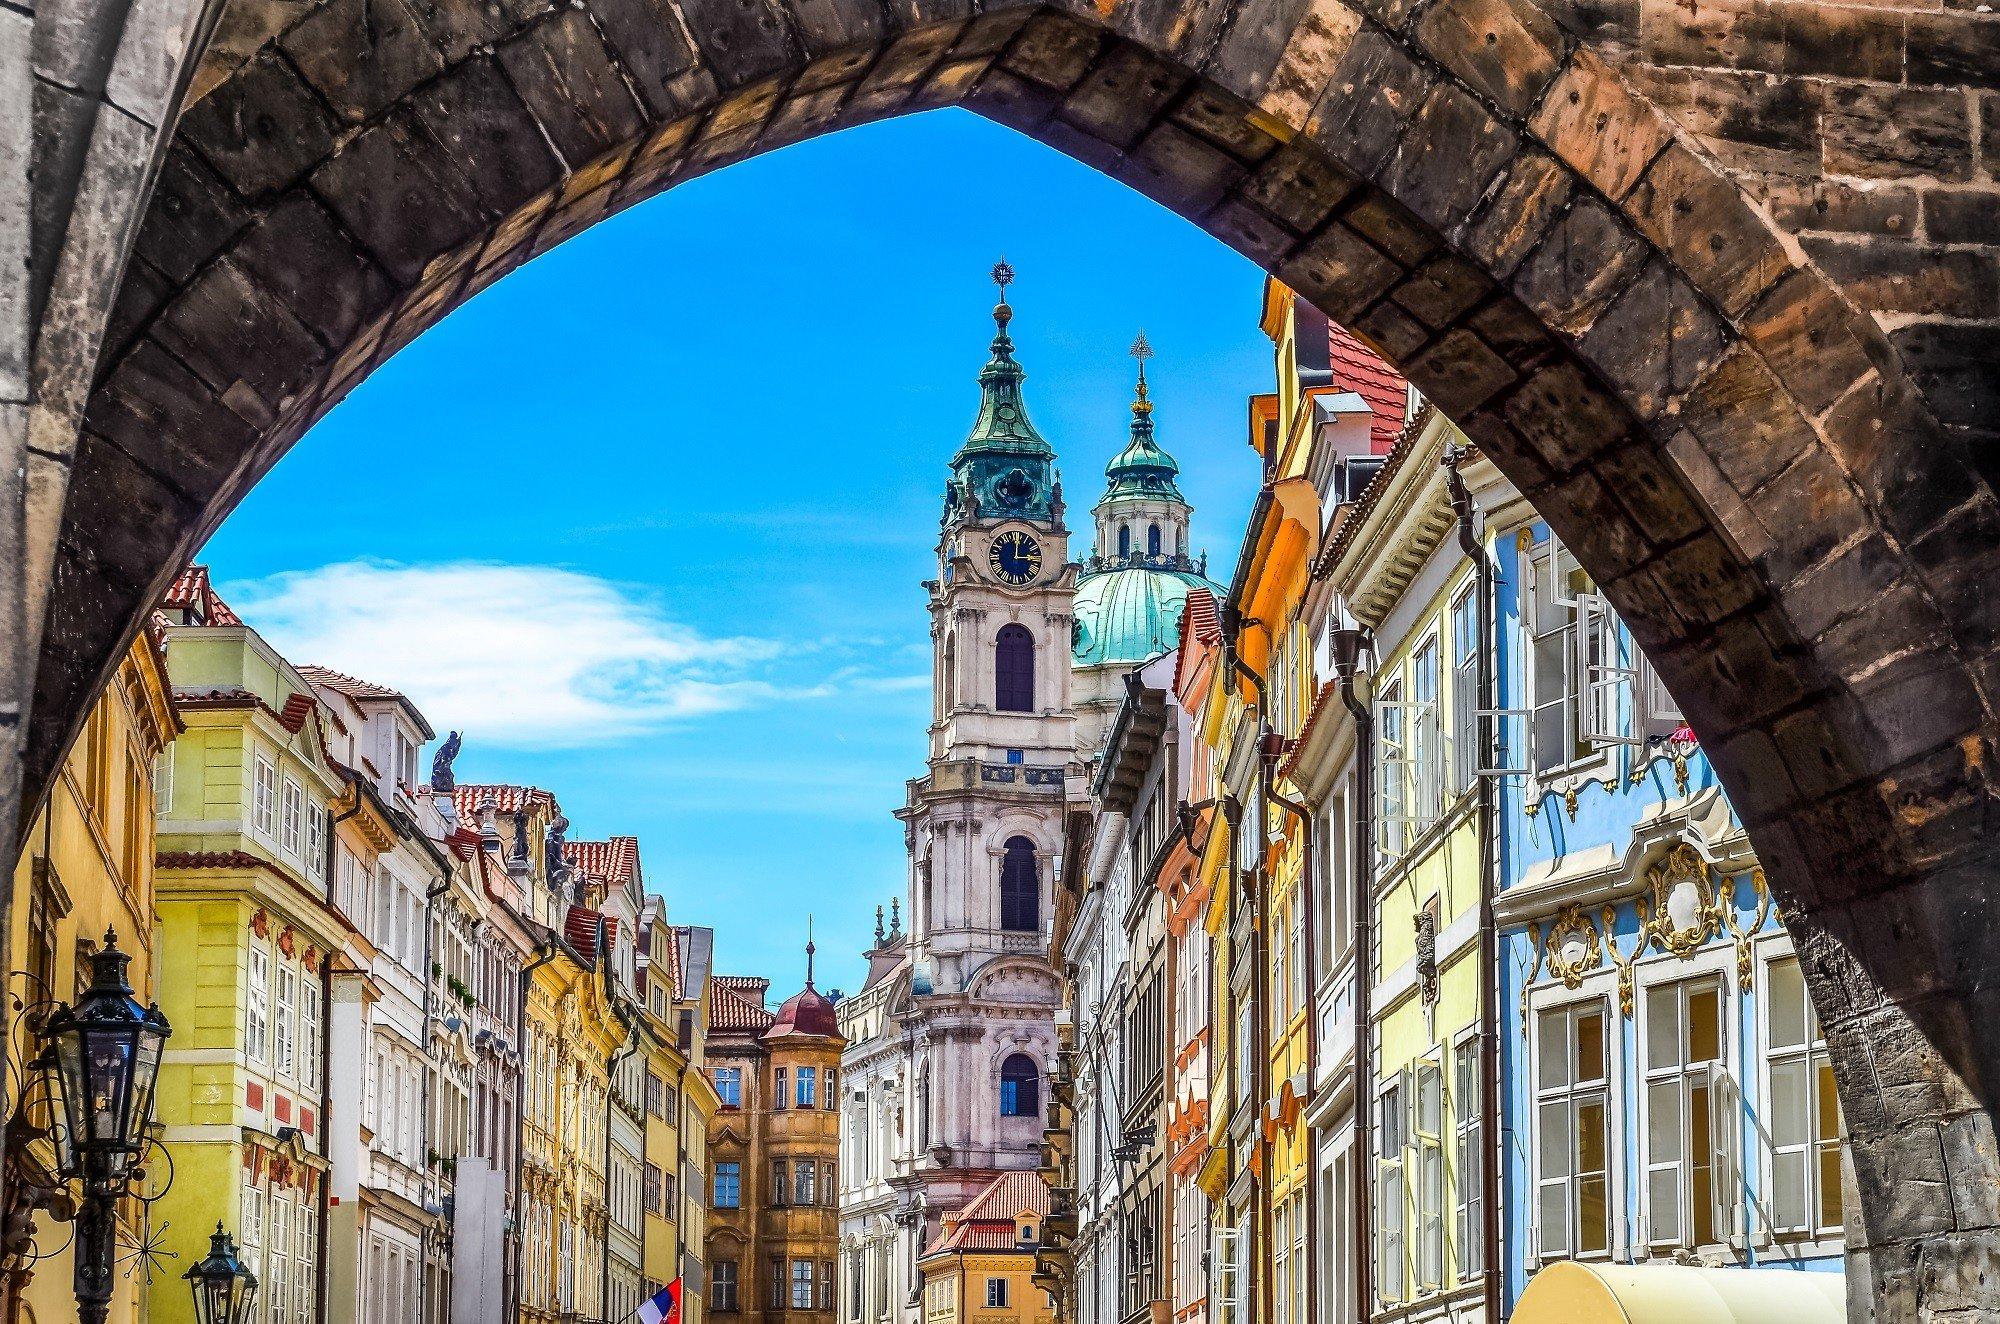 Dagaanbieding - 3- of 4-daagse stedentrip naar de historische stad Praag incl. vlucht dagelijkse koopjes